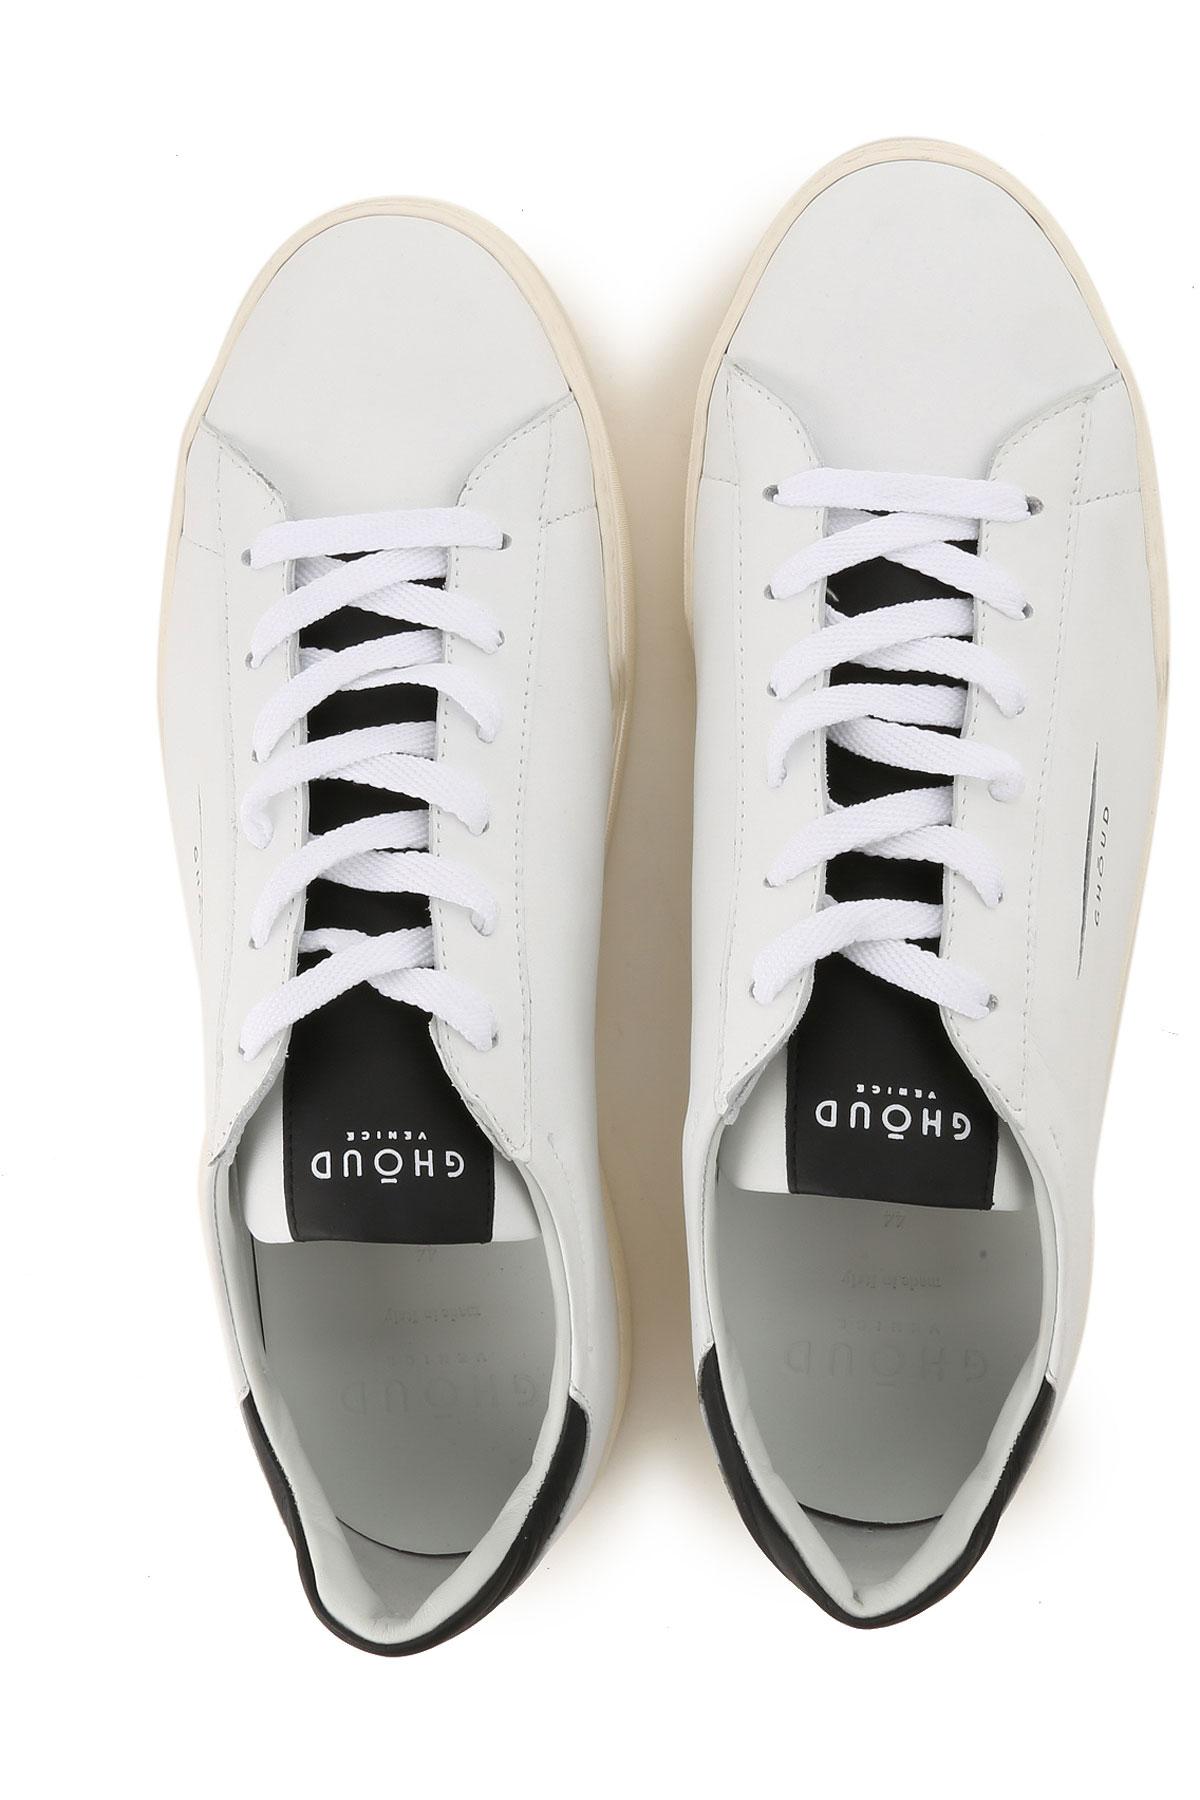 Para Negro 19 2018 Hombres invierno Ghoud Zapatos Otoño Blanco 8zqwx5F